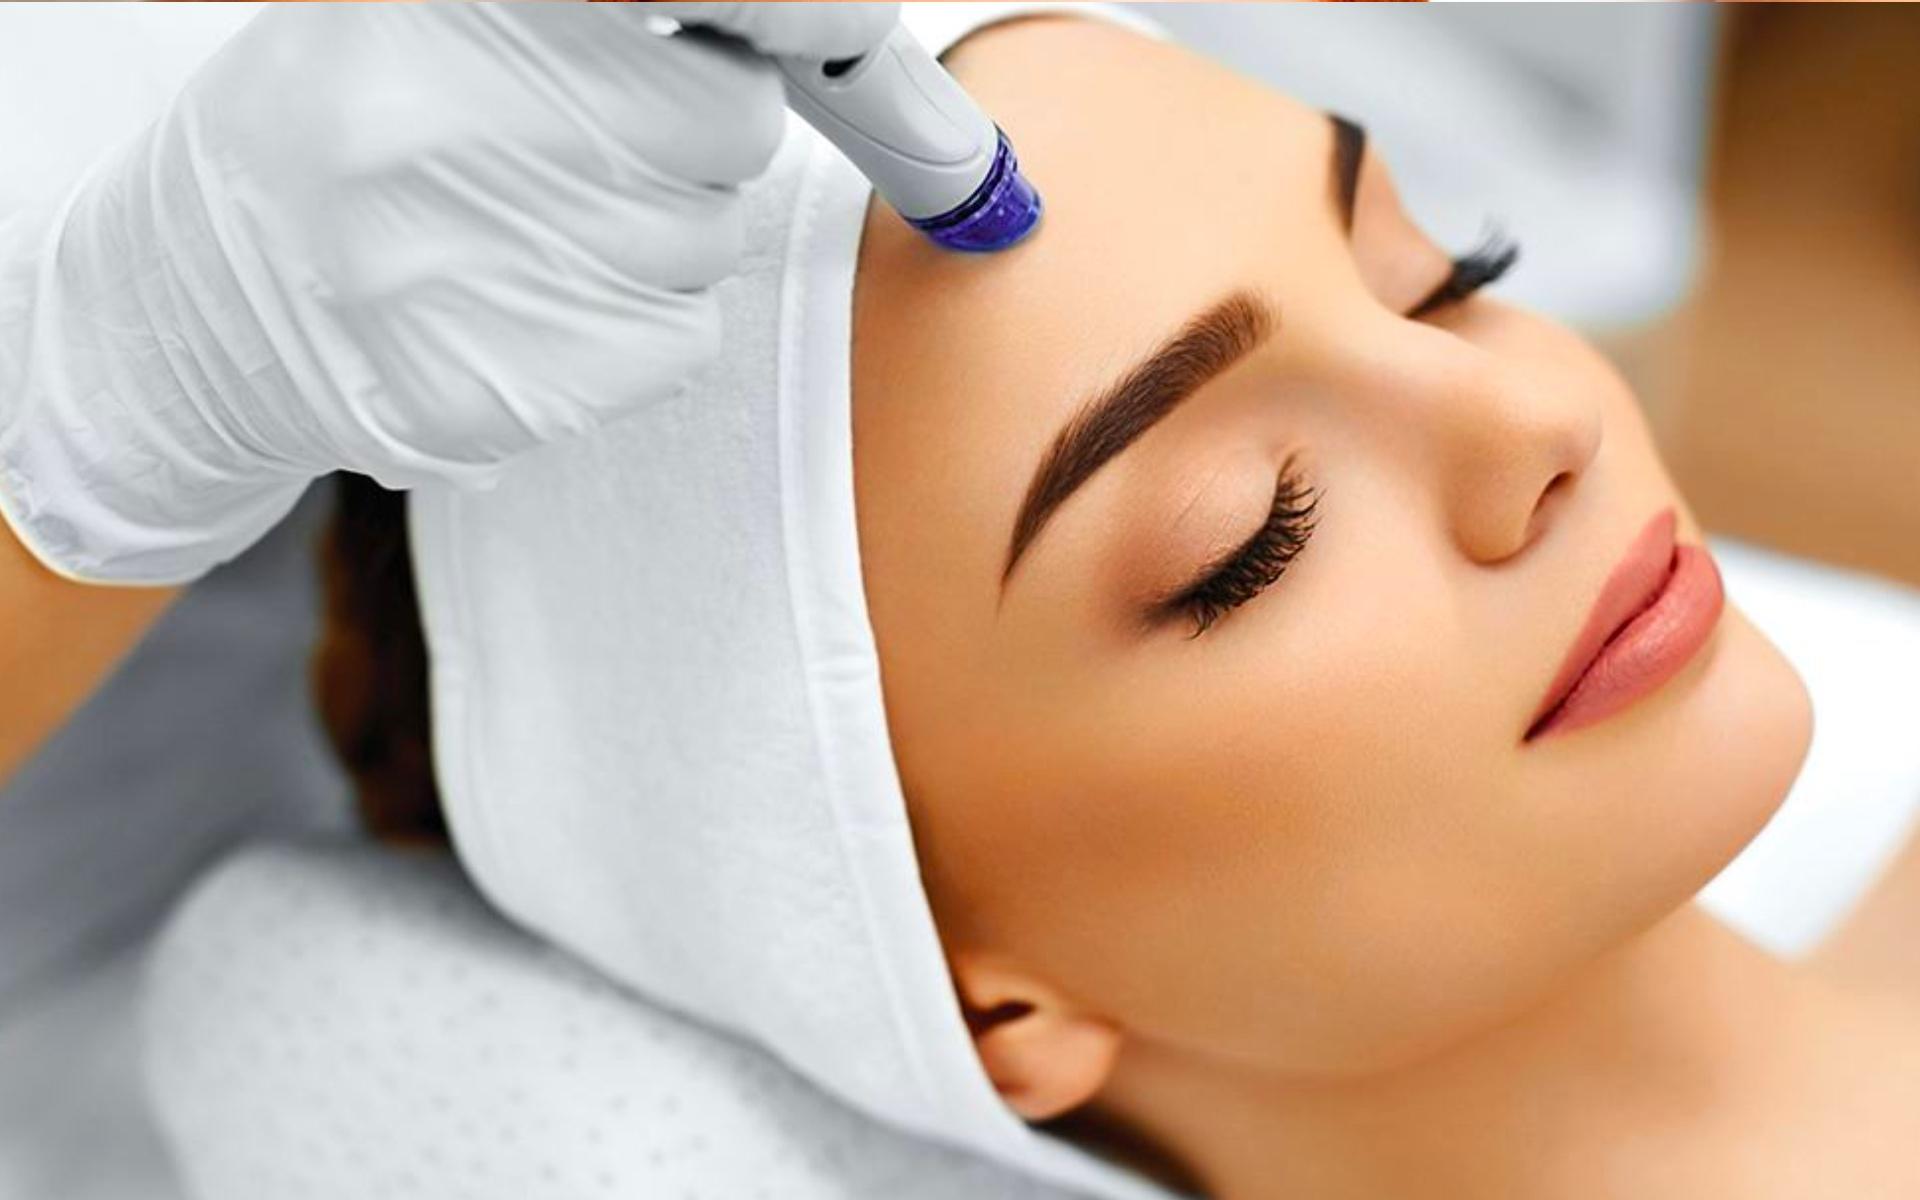 Фракционное лазерное омоложение кожи лица: отзывы